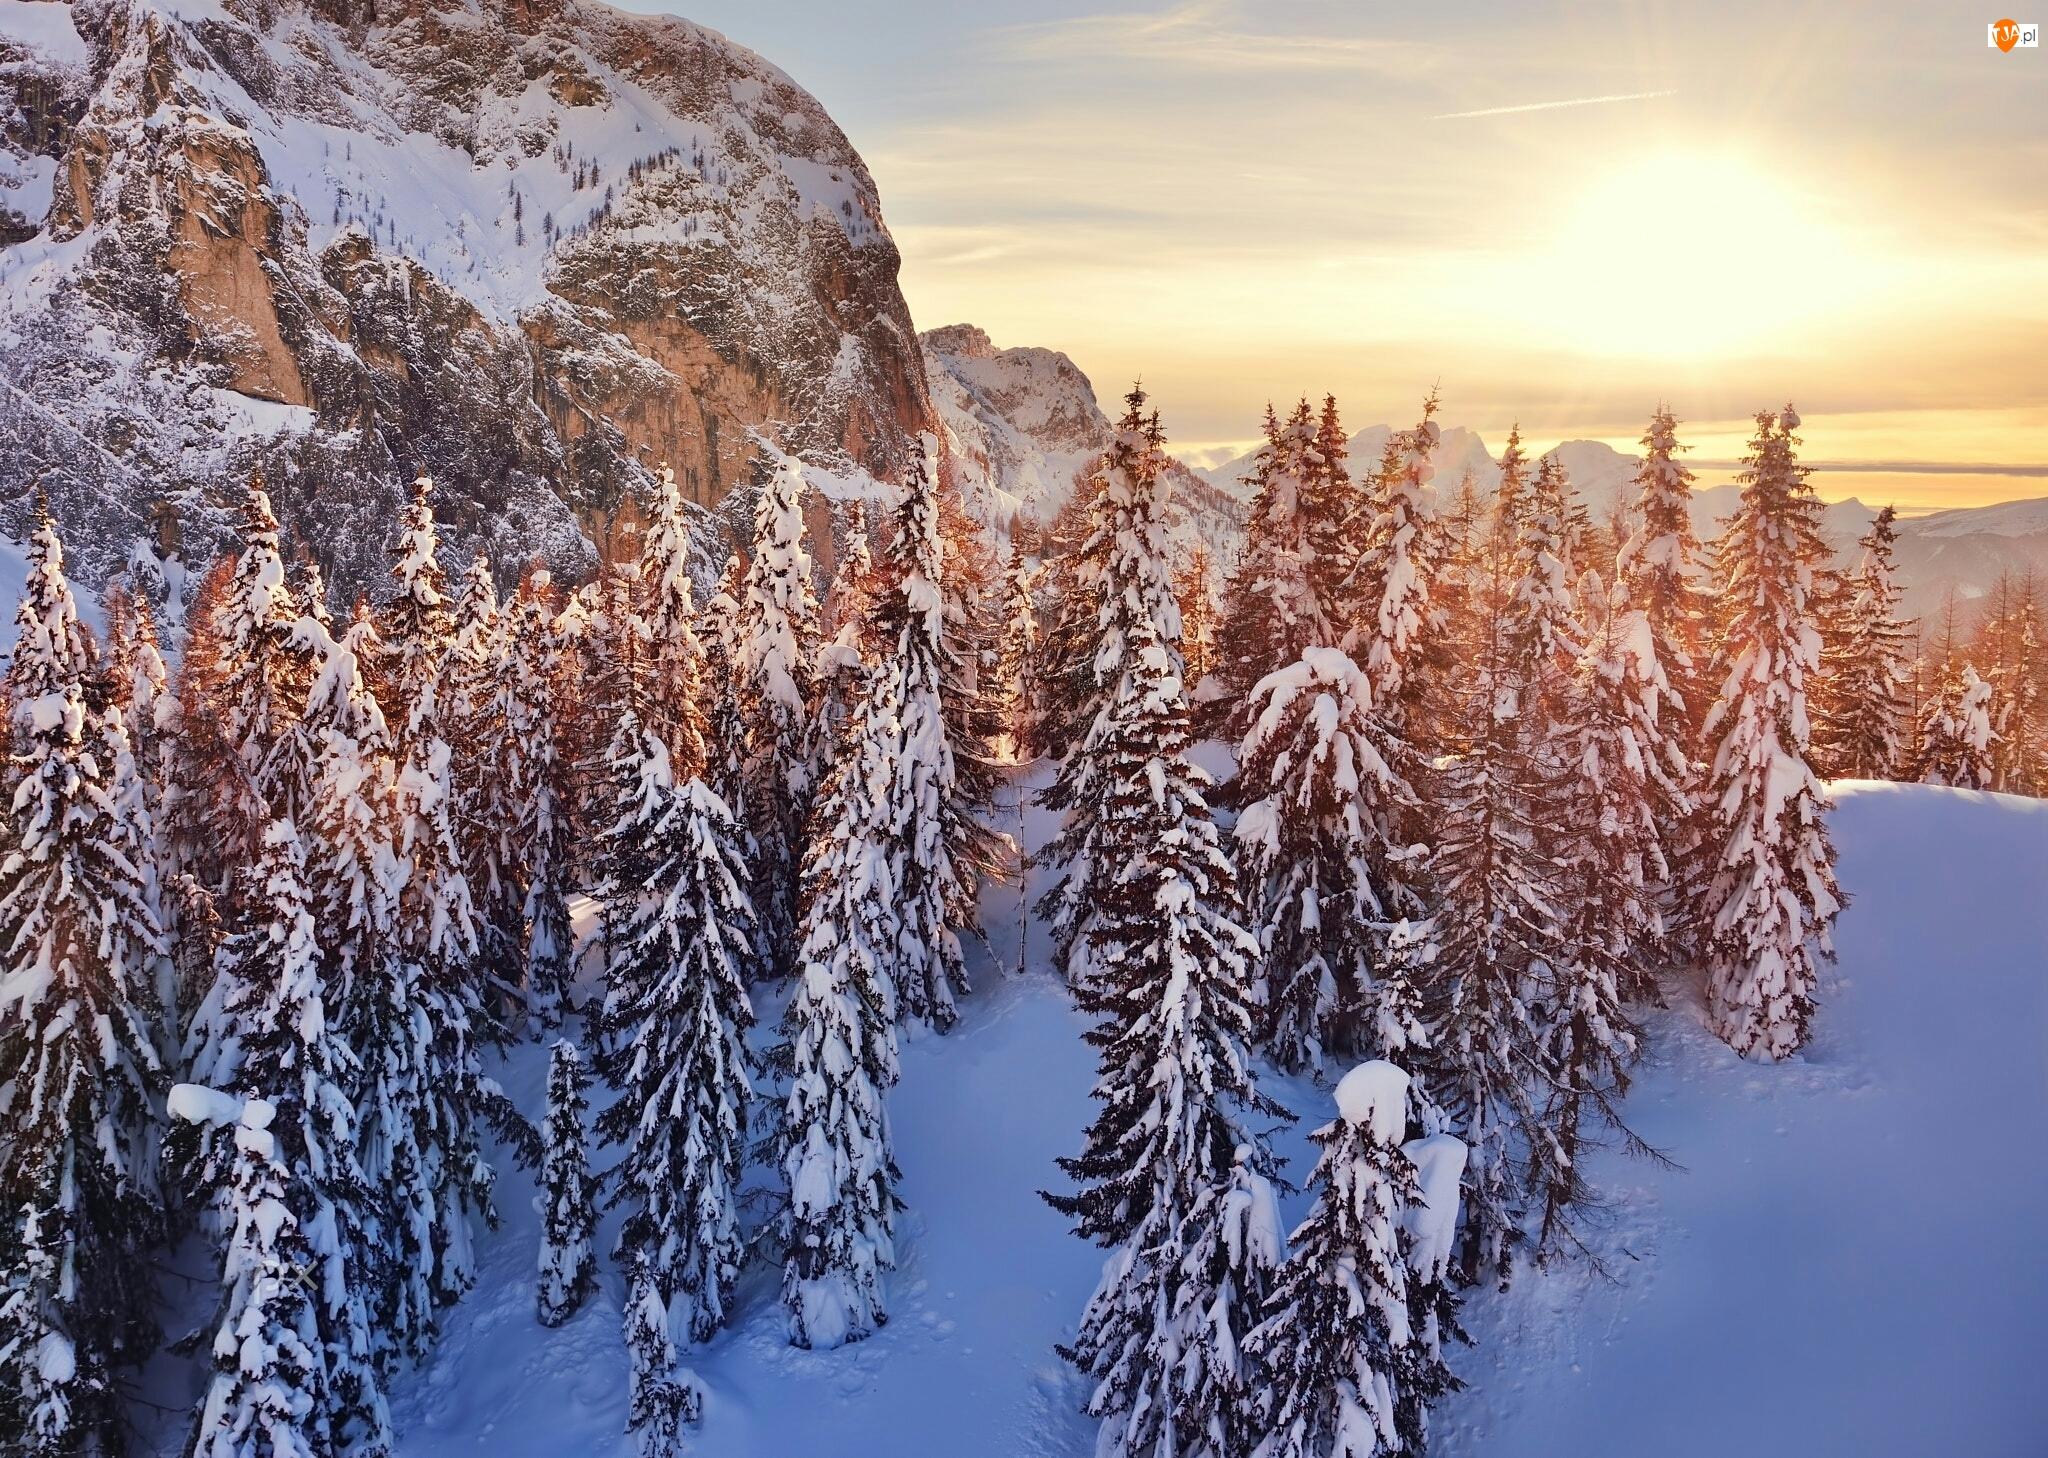 Góry, Las, Wschód słońca, Zima, Świerki, Drzewa, Ośnieżone